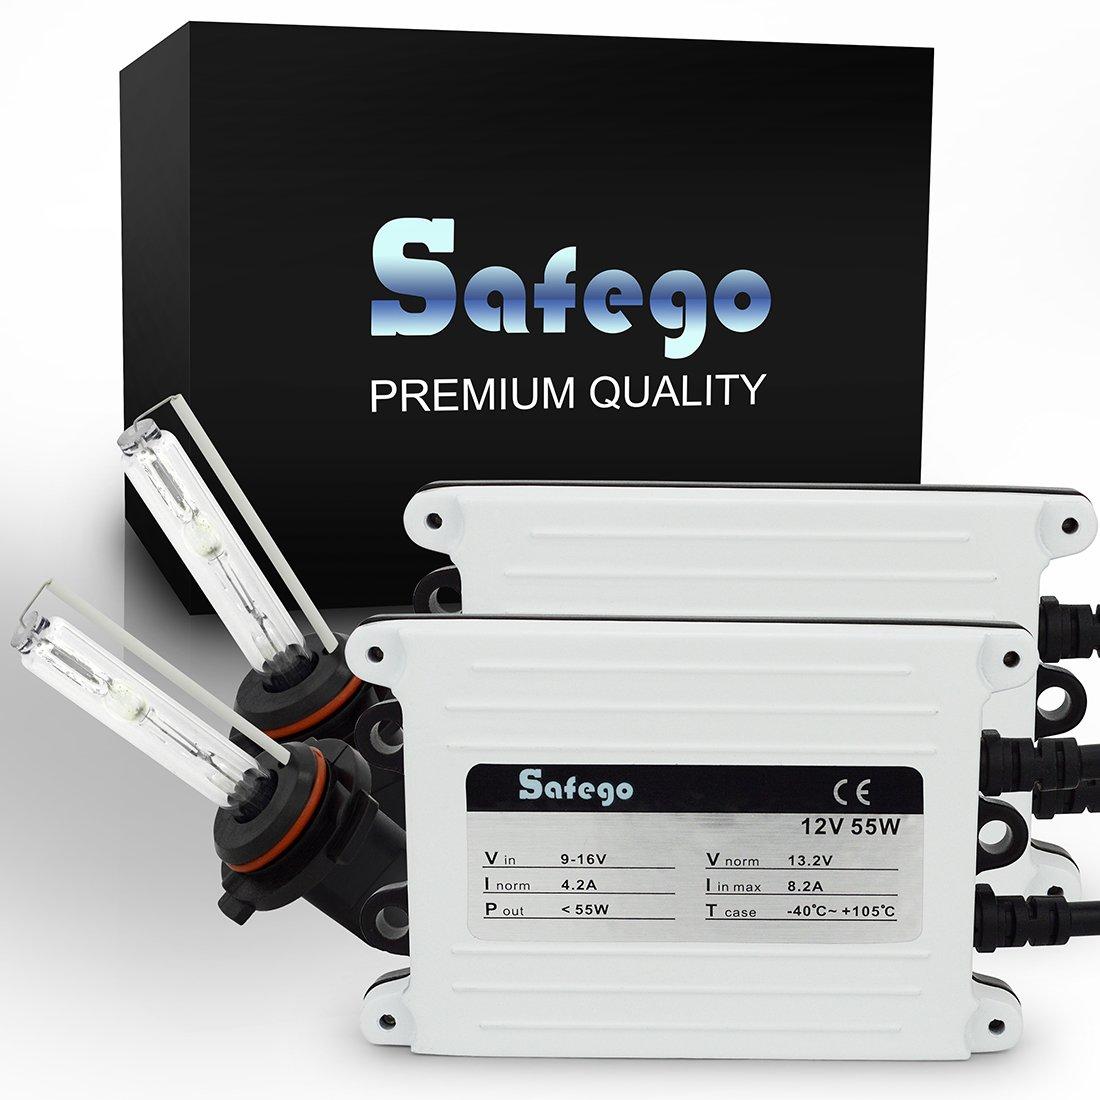 Safego 55W HB4 9006 Retrofit Conversion Kit FARI XENO XENON HID KIT LUCI di Conversione HID accessori Super luminosa 6000K Bianco Auto Xenon HID Light - Lampada HID Xenon Luce Per Auto